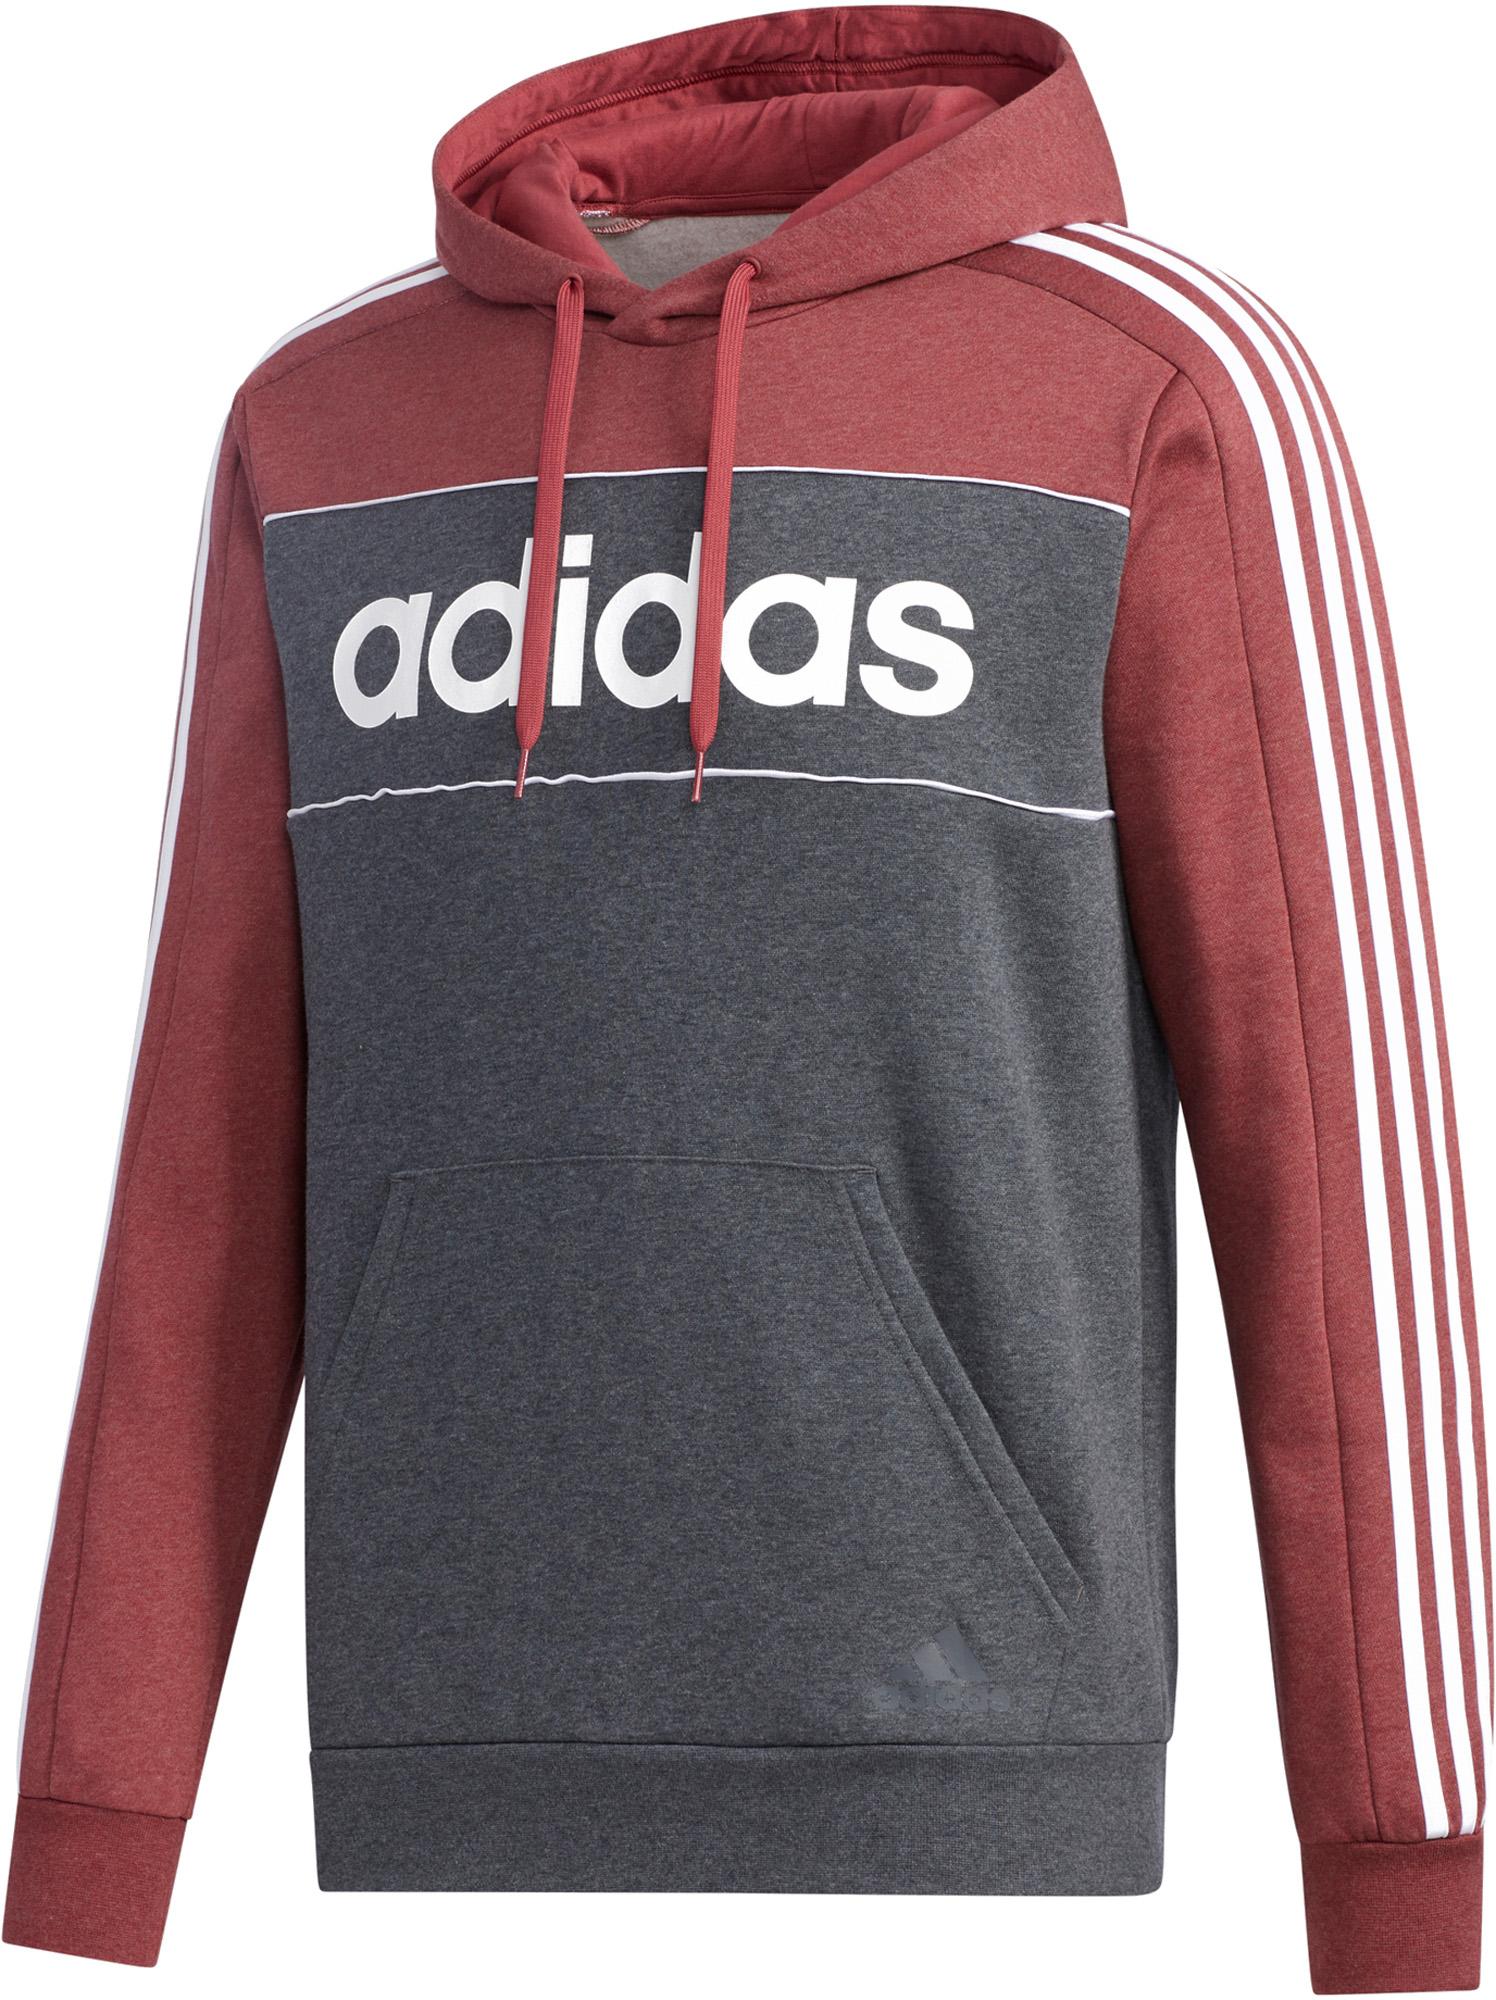 худи женское adidas ess 3s fz hd цвет серый розовый br2438 размер s 42 44 Adidas Худи мужская adidas Essentials, размер 48-50